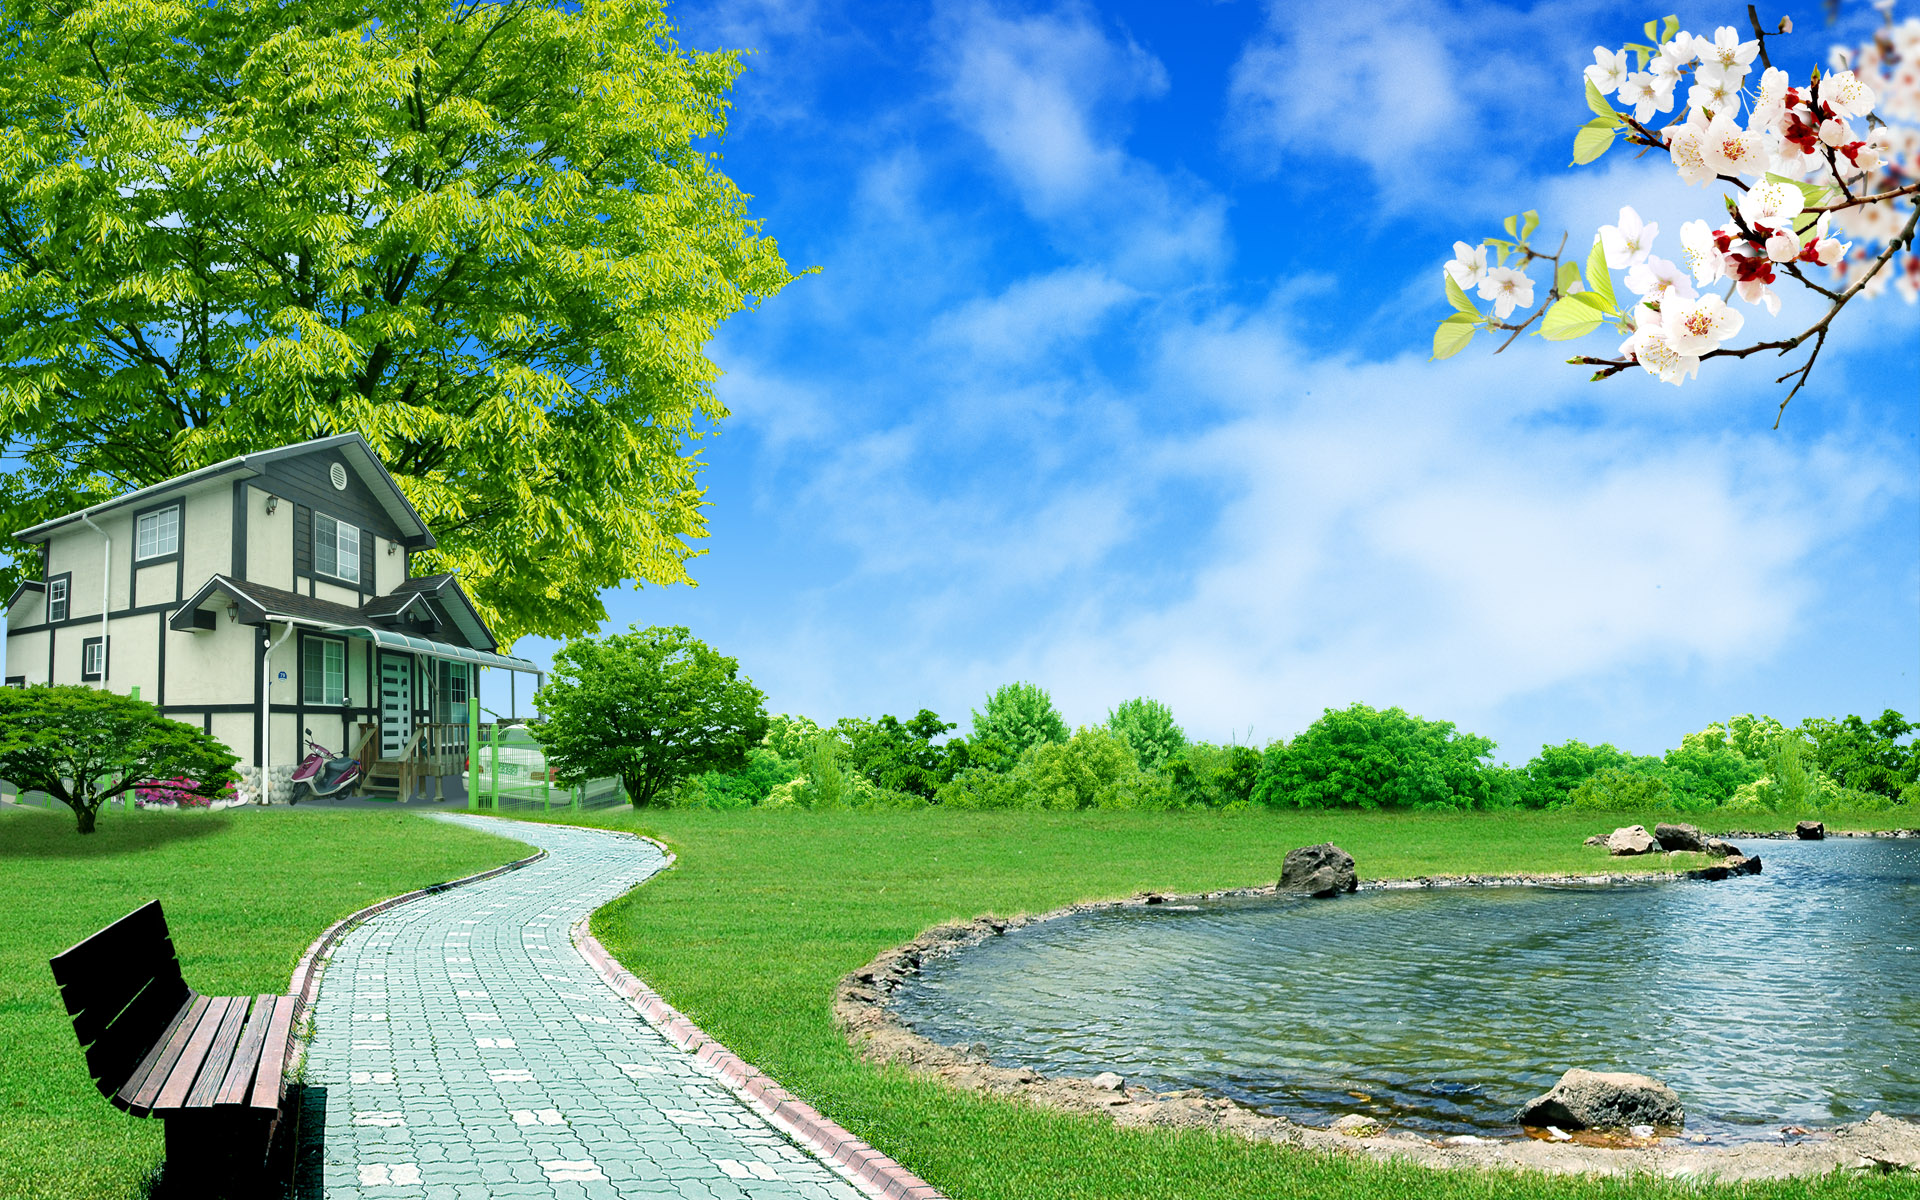 壁纸1920×1200梦想家园 最美好的日子宽屏壁纸 壁纸9壁纸 梦想家园:最美好的日壁纸图片系统壁纸系统图片素材桌面壁纸